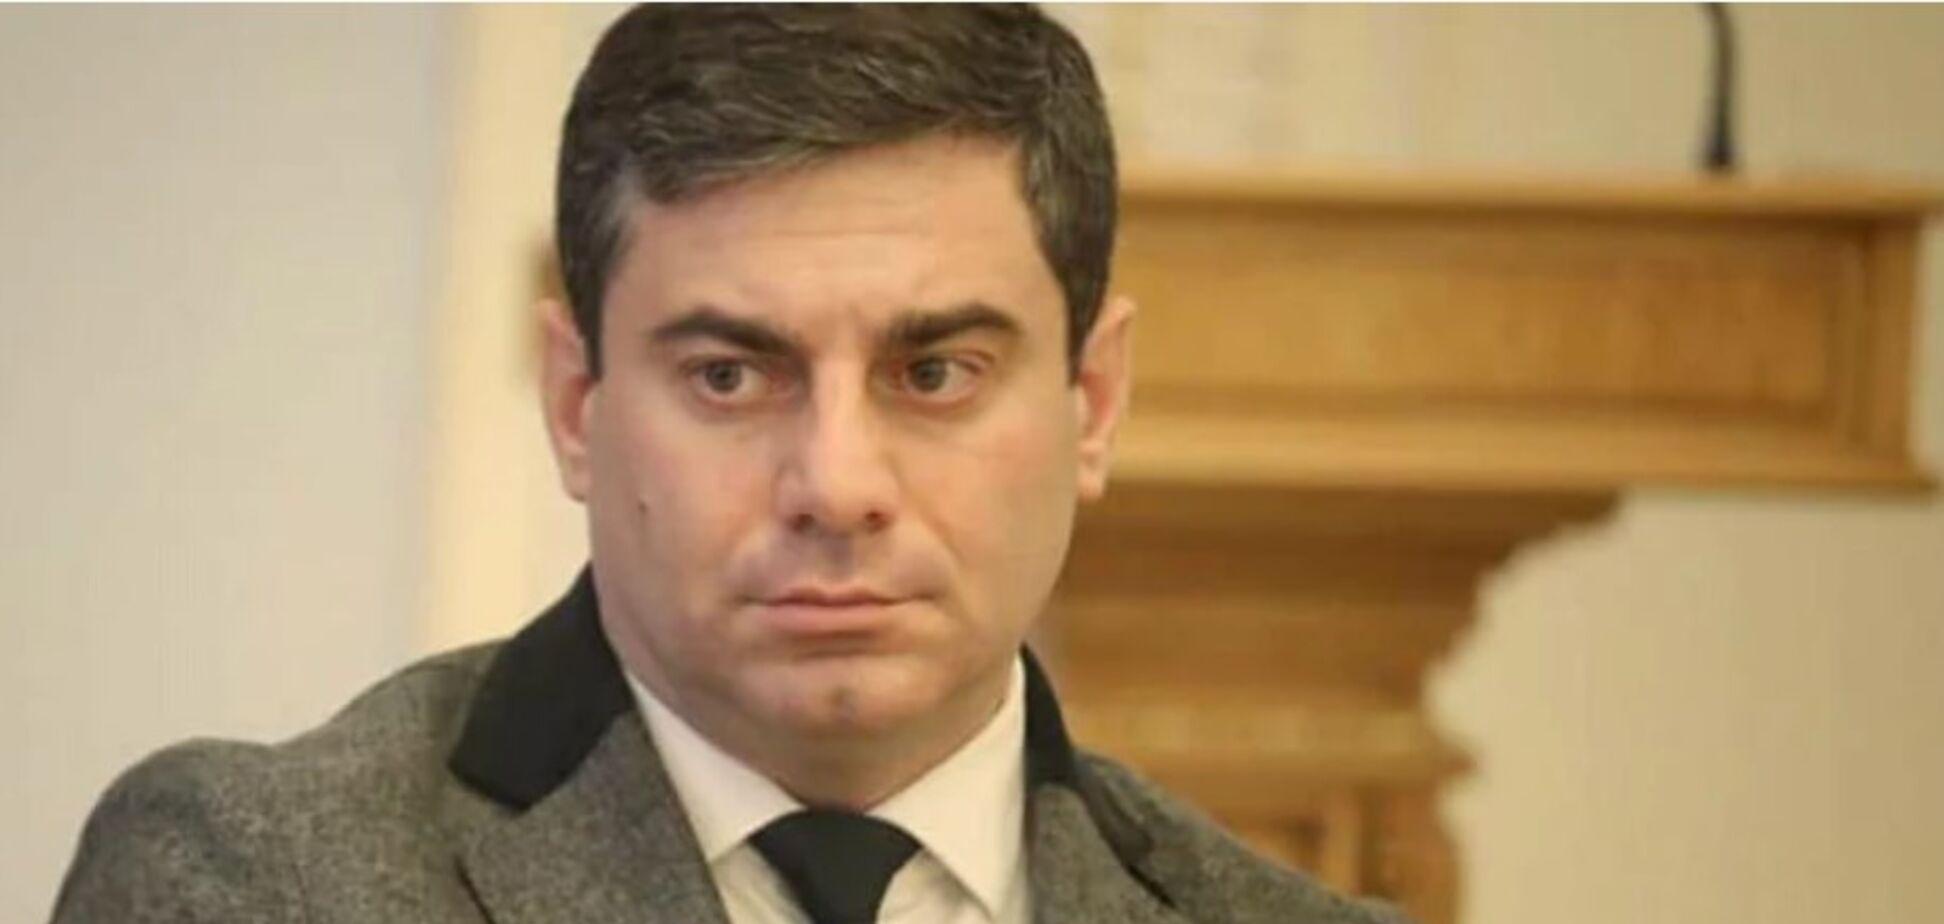 Лубинець заявив, що завод Рибалка конфіскують за торгівлю з 'ДНР' і 'ЛНР'